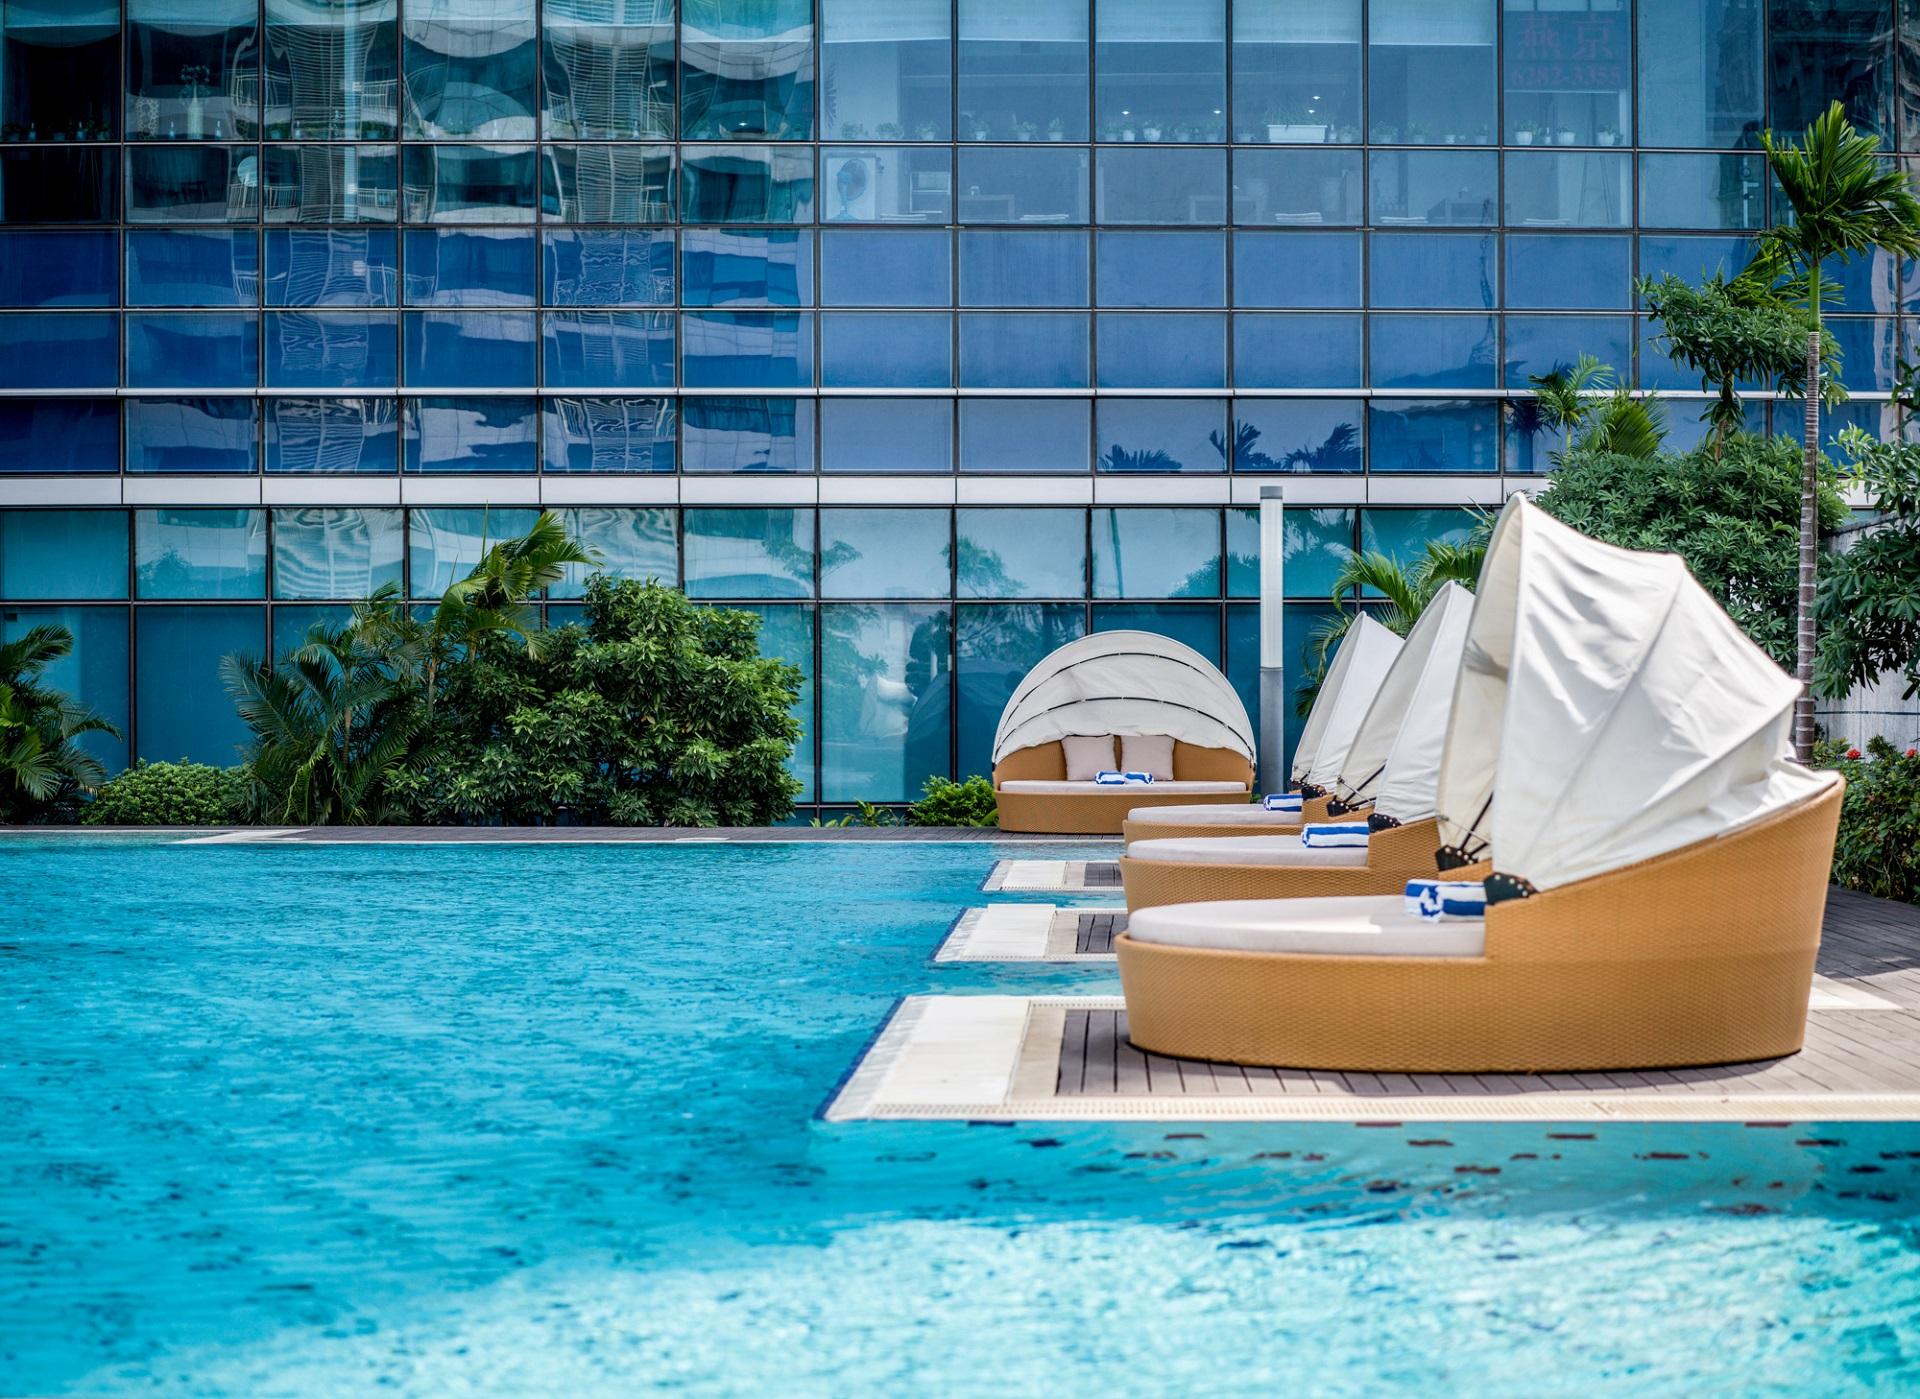 bể bơi tại intercontinental hanoi landmark72 khách sạn 5 sao sang trọng cao nhất hà nội